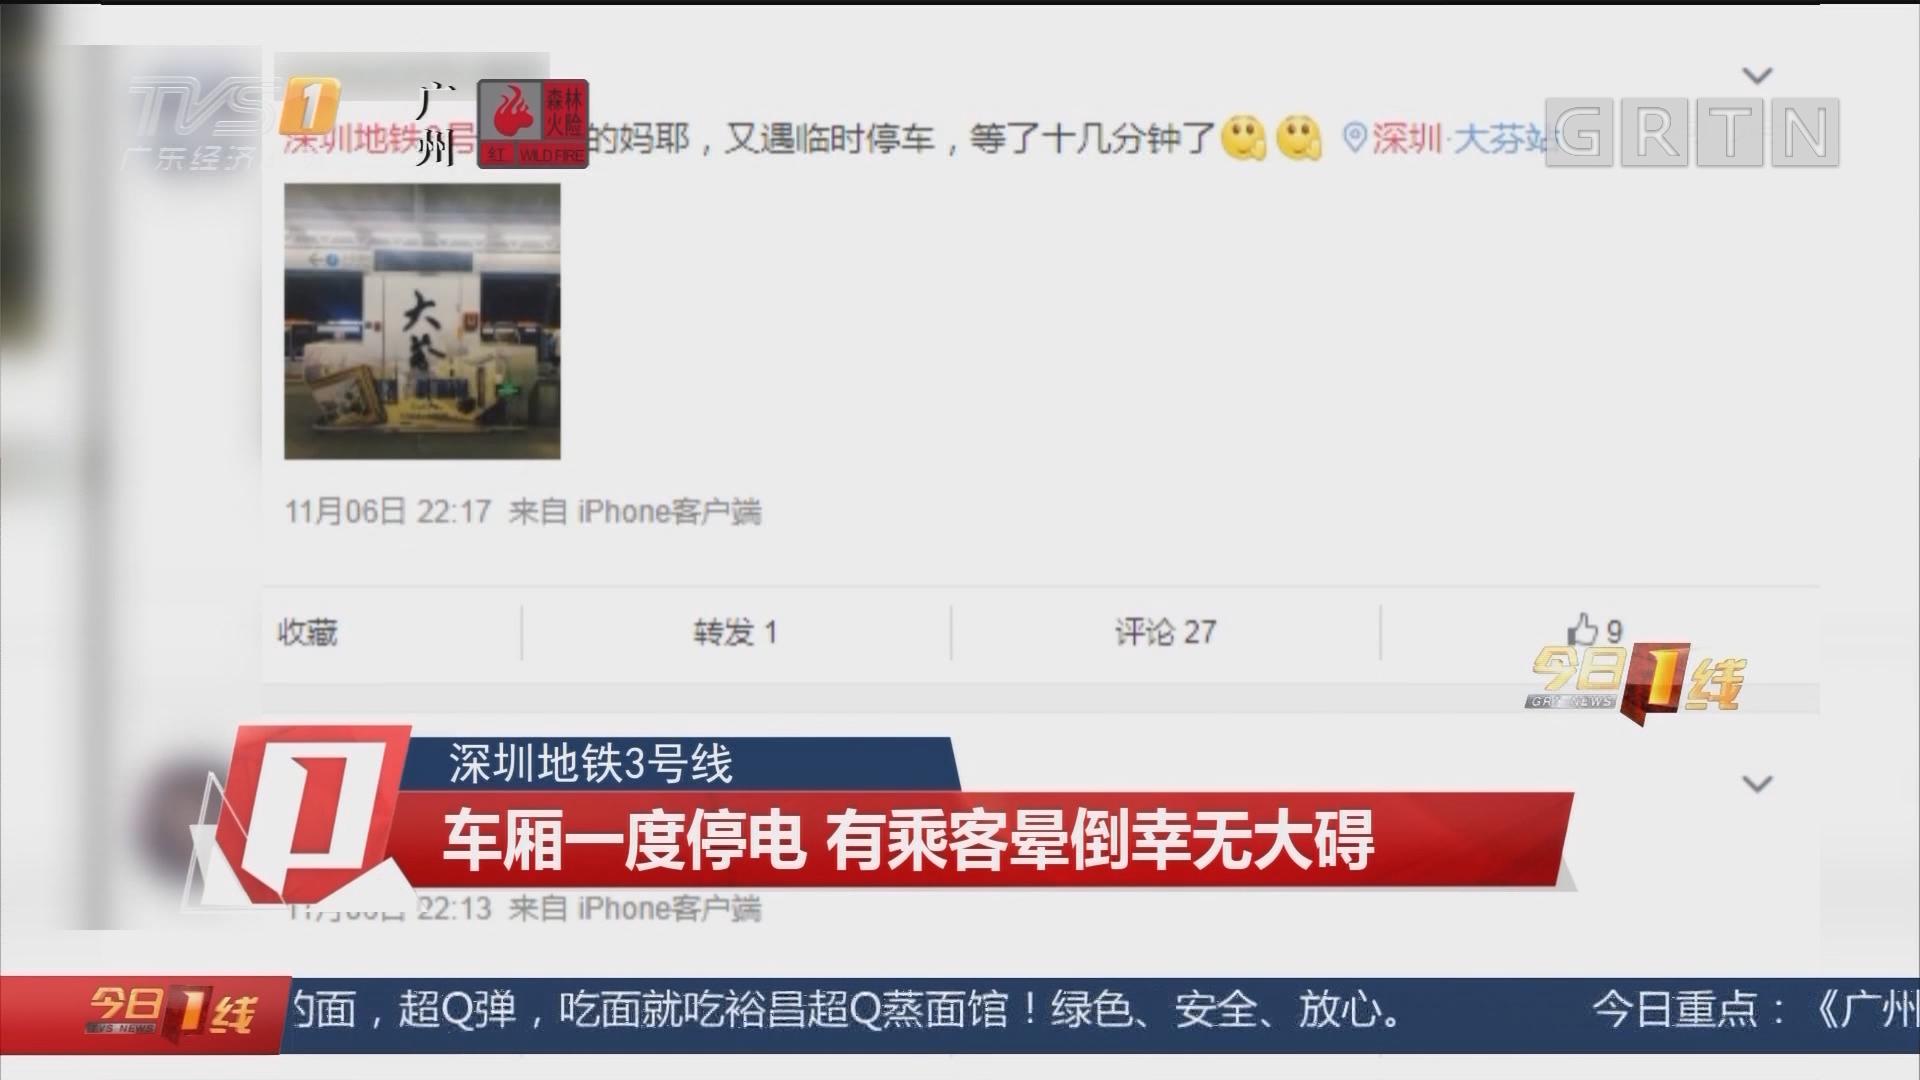 深圳地铁3号线 车厢一度停电 有乘客晕倒幸无大碍